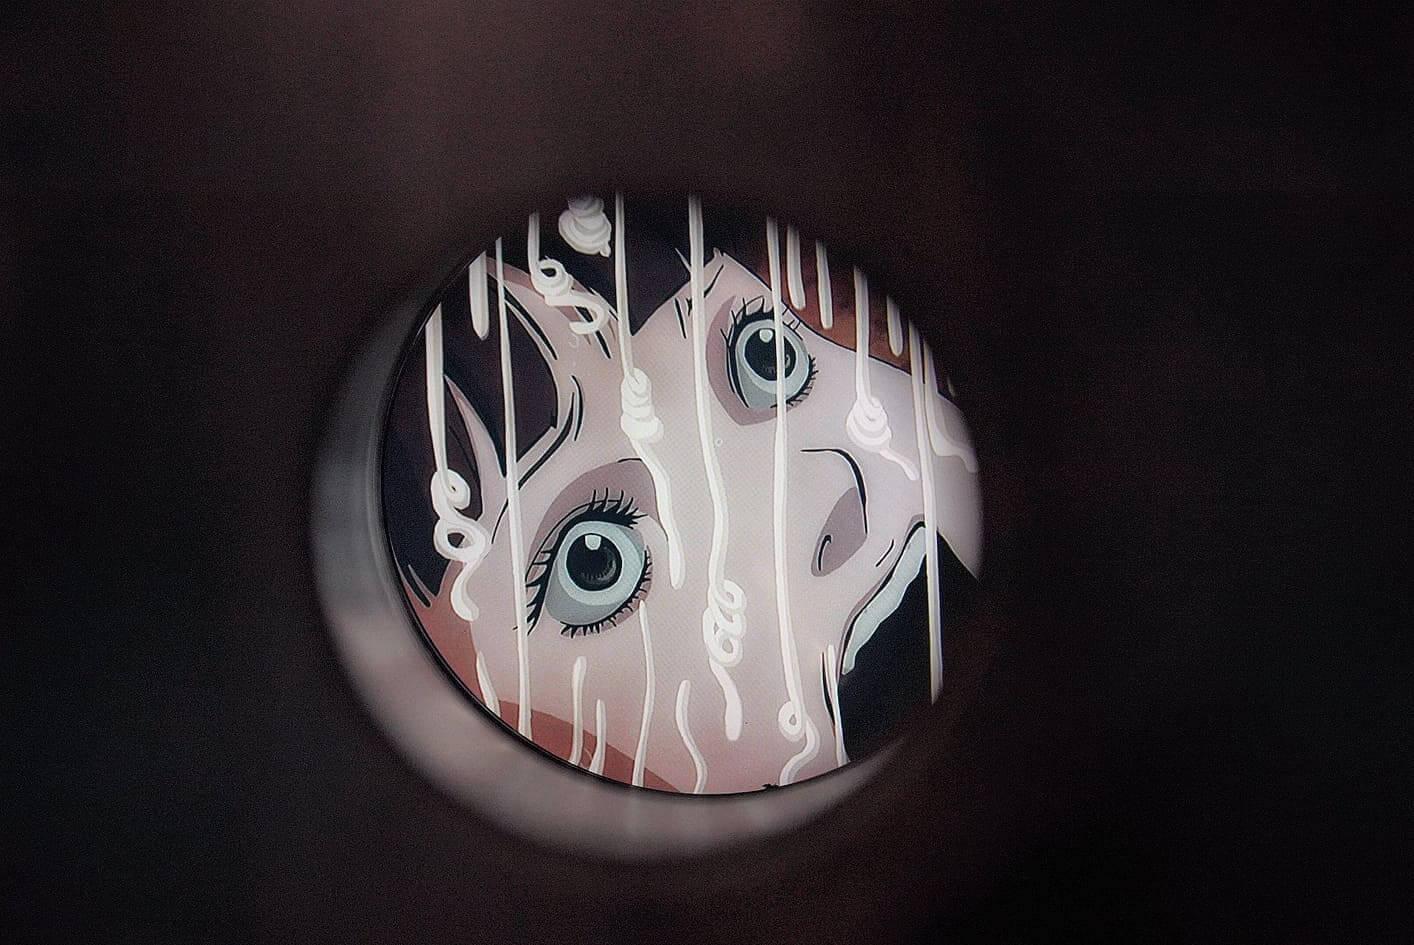 洞內播放著伊藤老師嘅不同動畫作品。